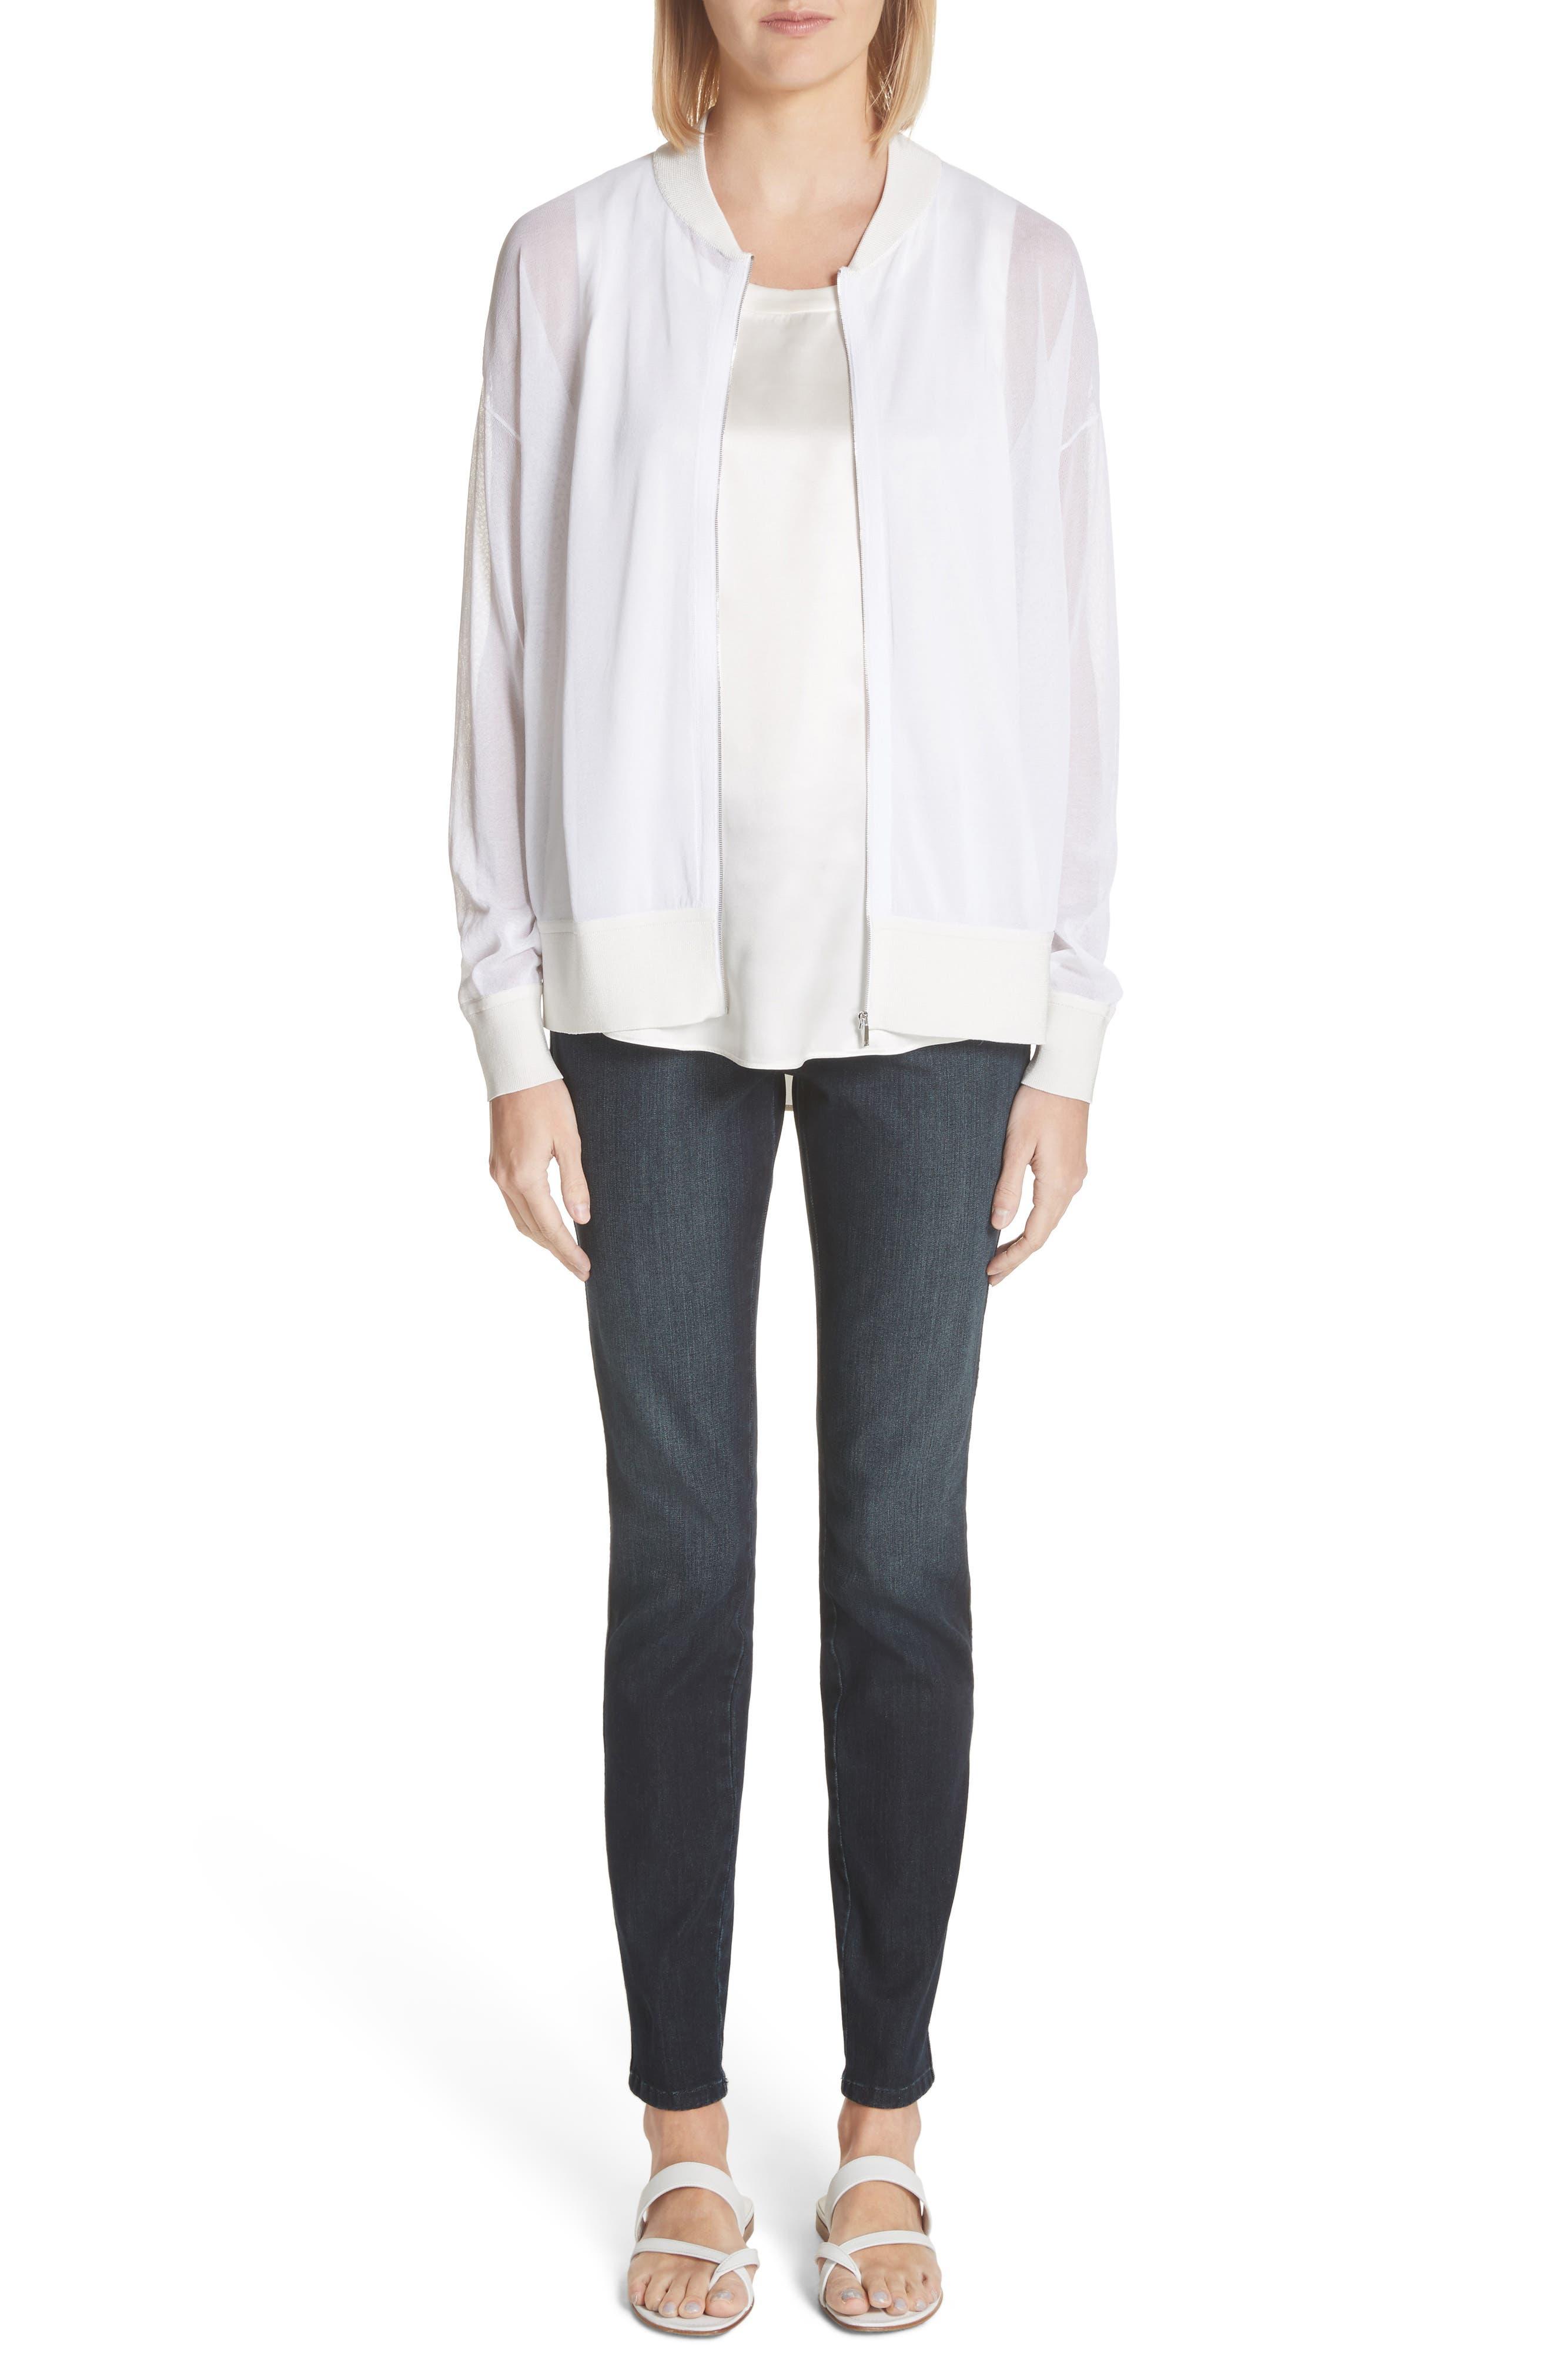 Mercer Skinny Jeans,                             Alternate thumbnail 12, color,                             Indigo